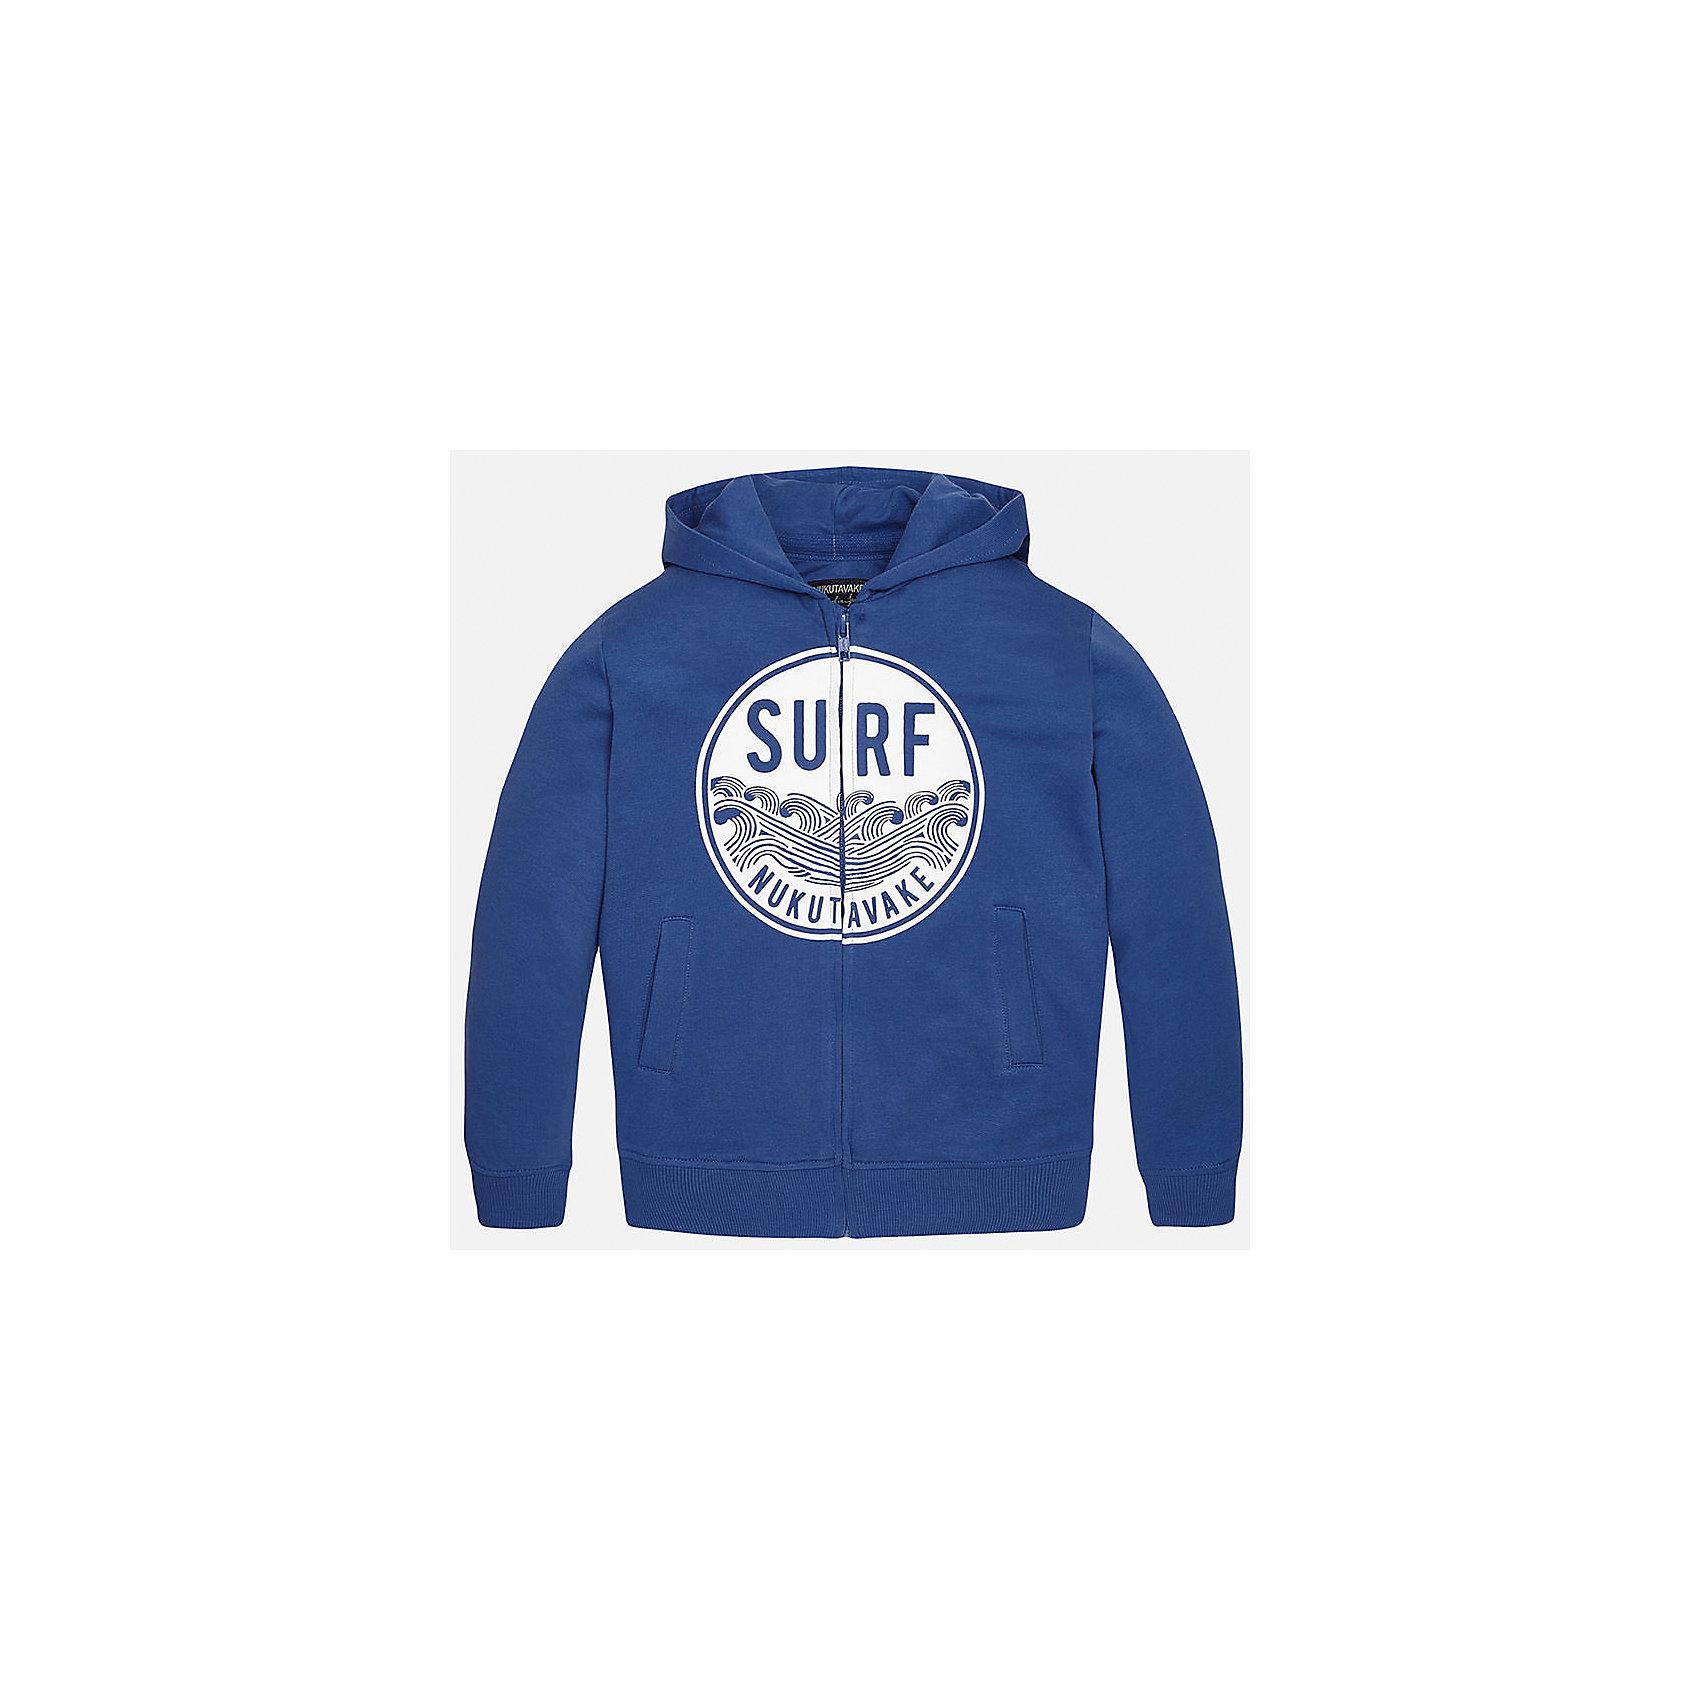 Толстовка для мальчика MayoralТолстовки<br>Характеристики товара:<br><br>• цвет: синий<br>• состав: 60% хлопок, 40% полиэстер<br>• капюшон<br>• карманы<br>• застежка: молния<br>• принт<br>• страна бренда: Испания<br><br>Модная куртка для мальчика может стать базовой вещью в гардеробе ребенка. Она отлично сочетается с майками, футболками, рубашками и т.д. Универсальный крой и цвет позволяет подобрать к вещи низ разных расцветок. Практичное и стильное изделие! В составе материала - натуральный хлопок, гипоаллергенный, приятный на ощупь, дышащий.<br><br>Одежда, обувь и аксессуары от испанского бренда Mayoral полюбились детям и взрослым по всему миру. Модели этой марки - стильные и удобные. Для их производства используются только безопасные, качественные материалы и фурнитура. Порадуйте ребенка модными и красивыми вещами от Mayoral! <br><br>Куртку для мальчика от испанского бренда Mayoral (Майорал) можно купить в нашем интернет-магазине.<br><br>Ширина мм: 356<br>Глубина мм: 10<br>Высота мм: 245<br>Вес г: 519<br>Цвет: синий<br>Возраст от месяцев: 132<br>Возраст до месяцев: 144<br>Пол: Мужской<br>Возраст: Детский<br>Размер: 158,128/134,170,140,152,164<br>SKU: 5281940